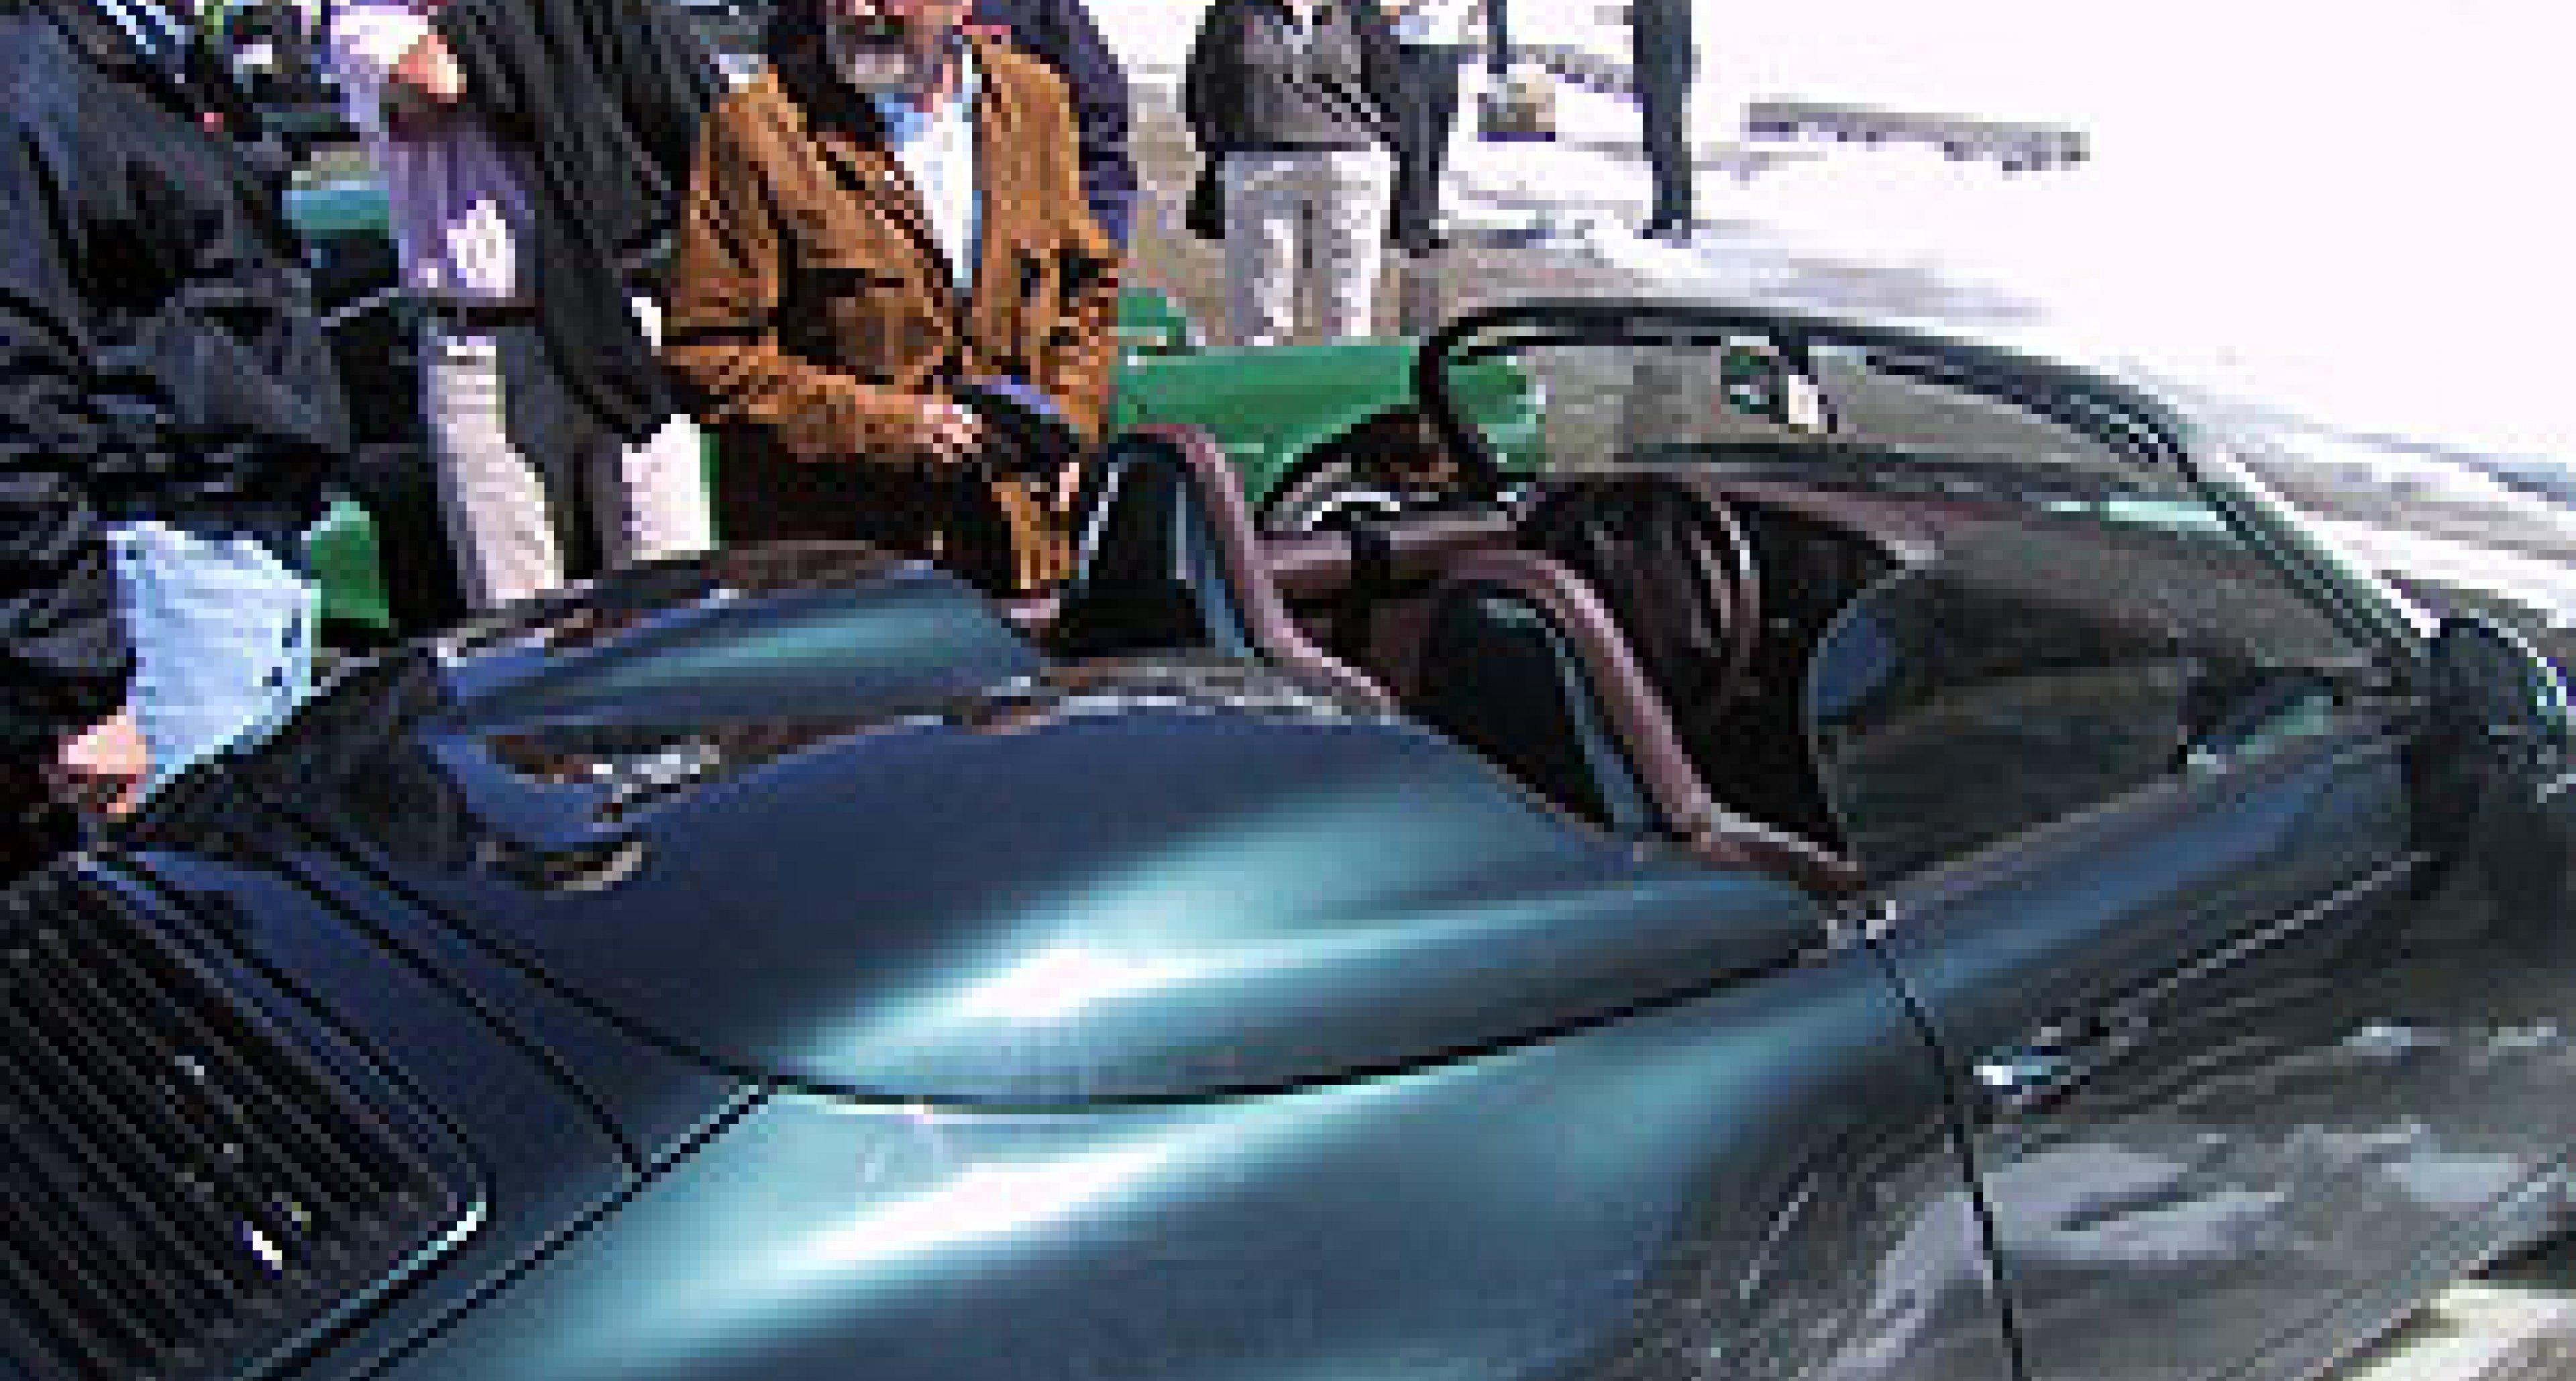 2. F. A. Porsche Cup 2005